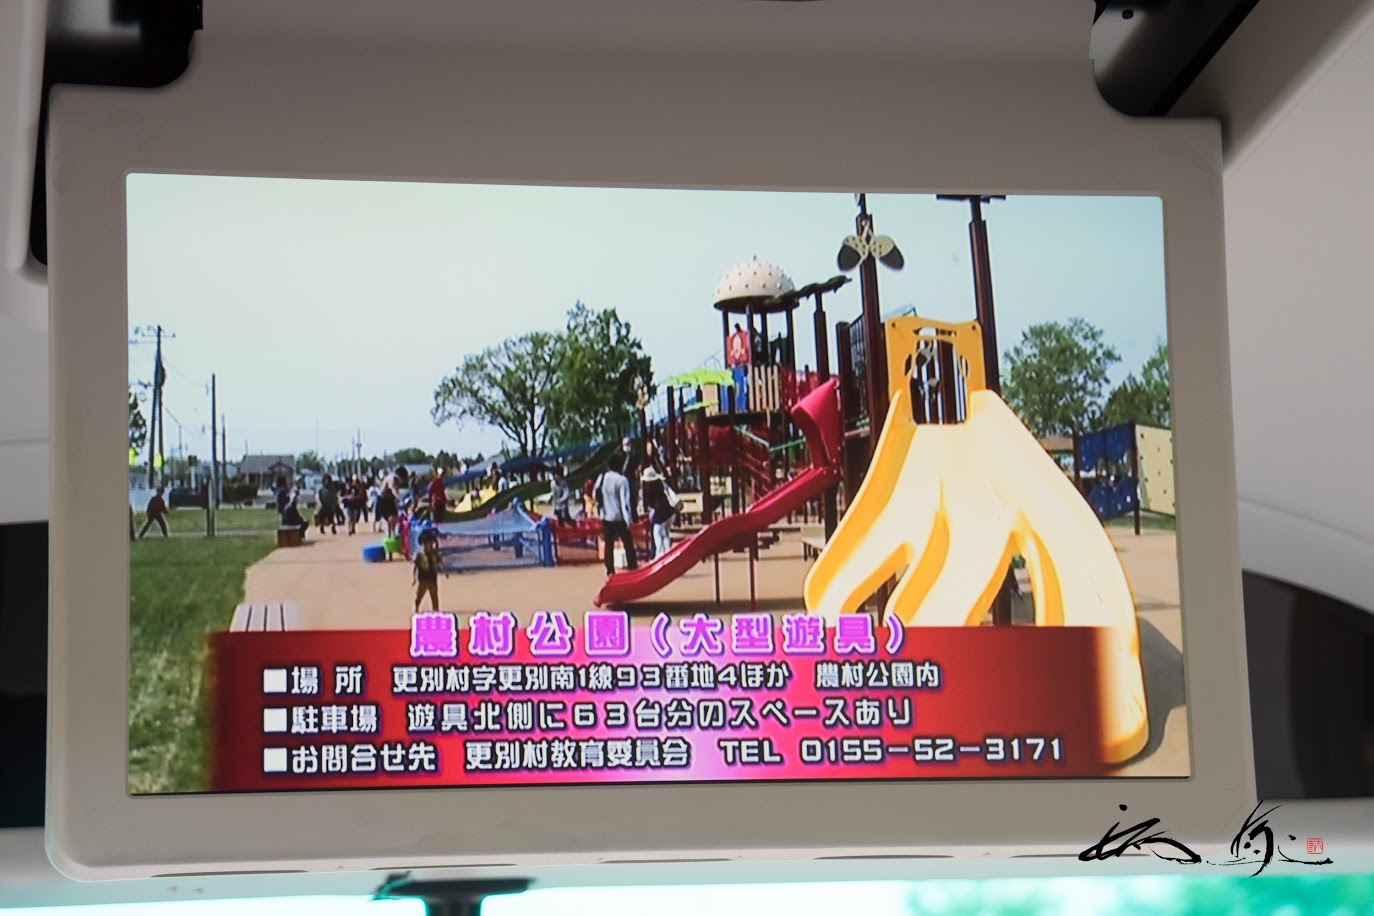 農村公園の大型遊具